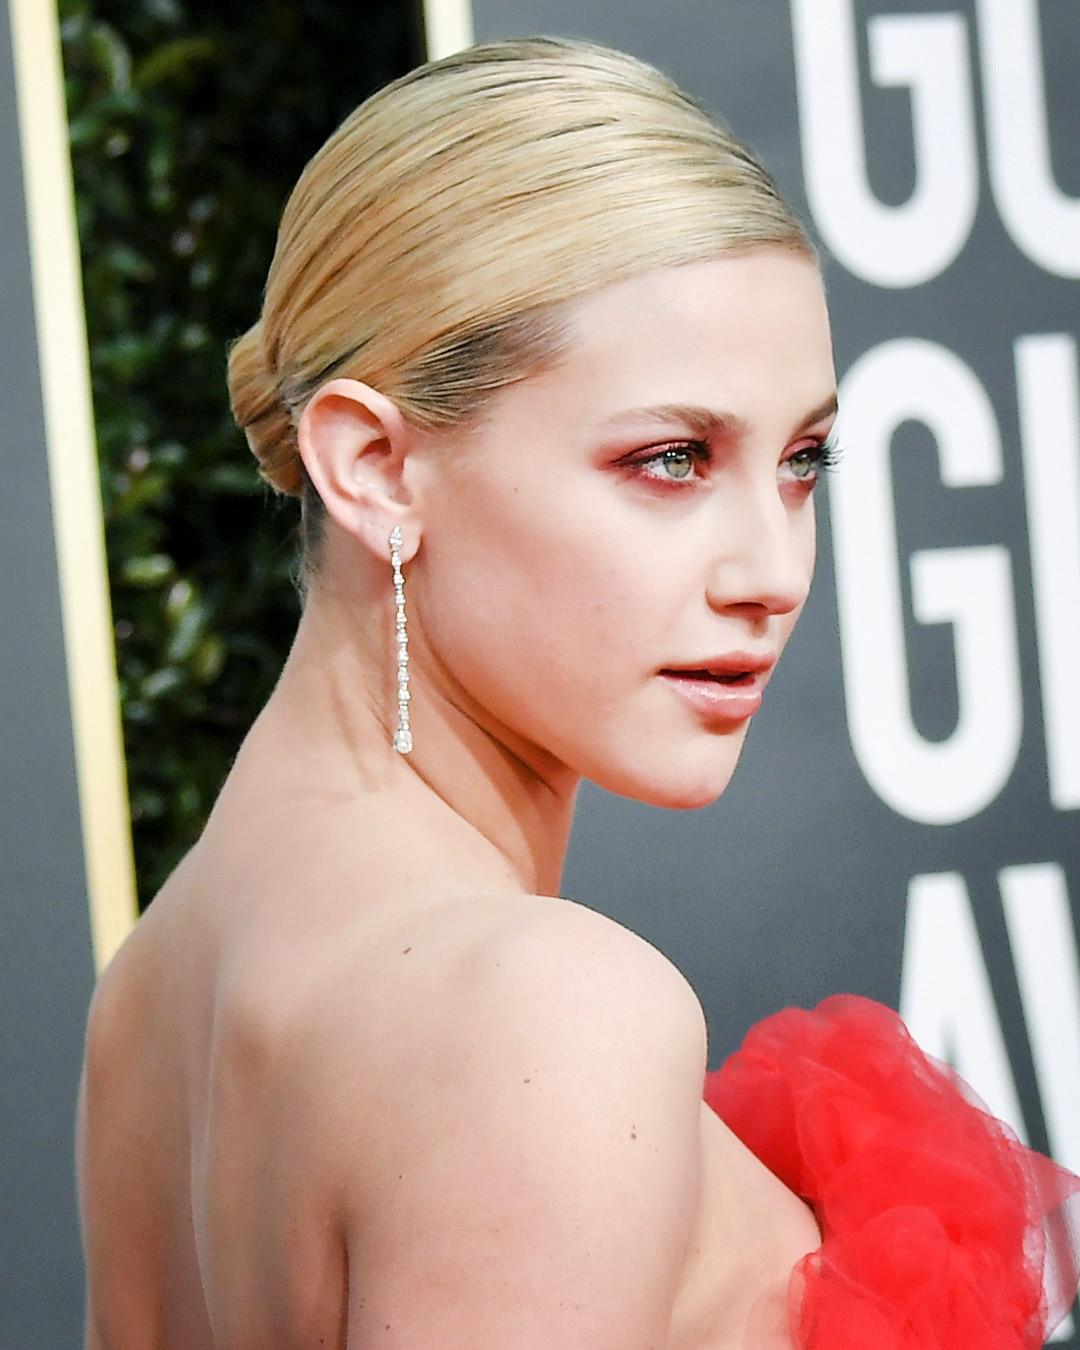 ESC: Golden Globes Beauty, Lili Reinhart